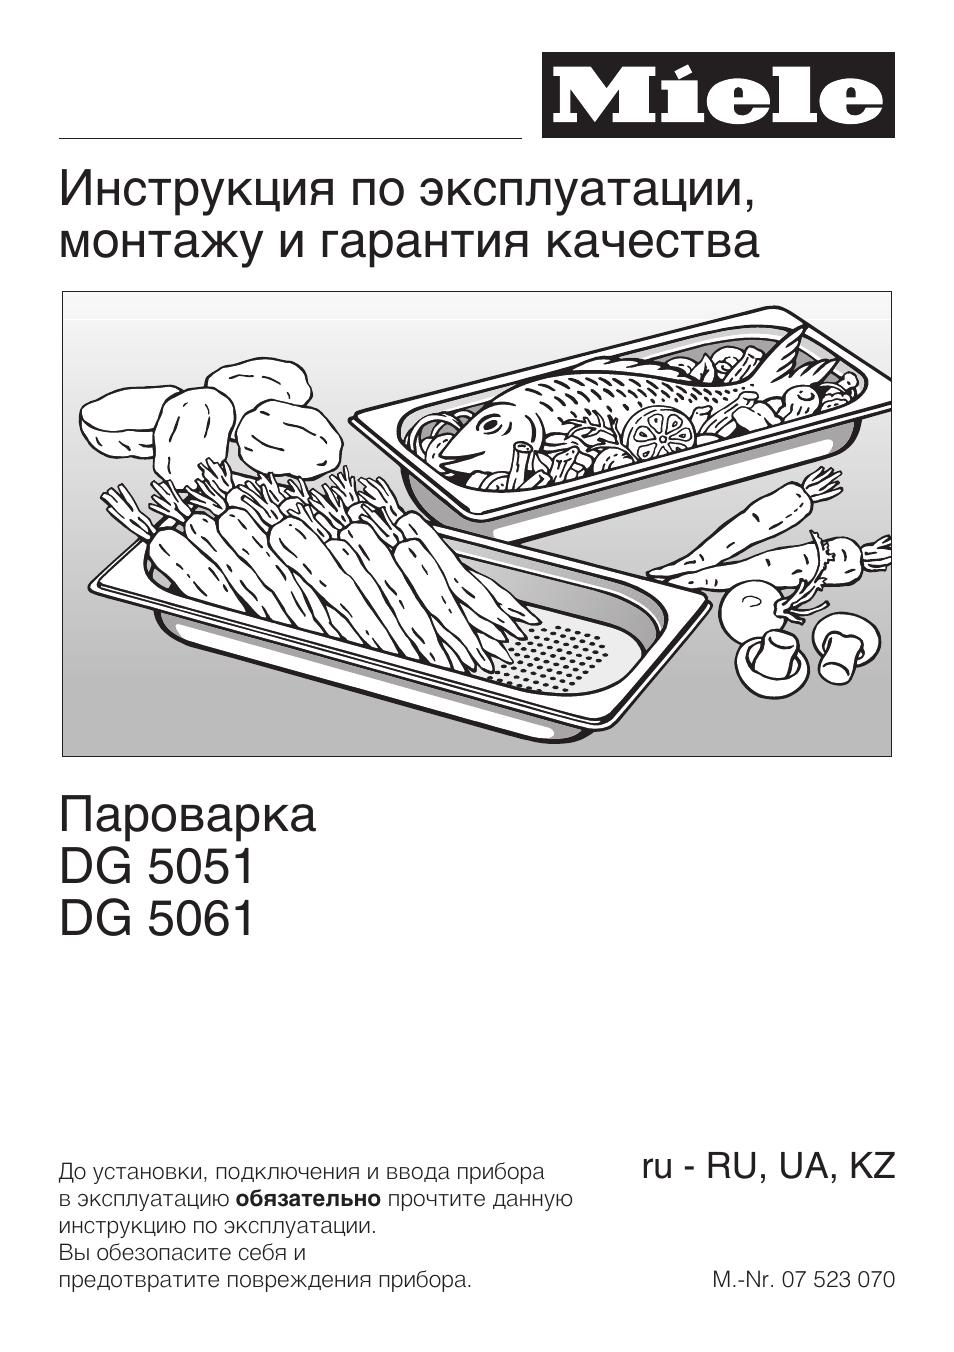 Инструкции по применению пож арктика дг тип i